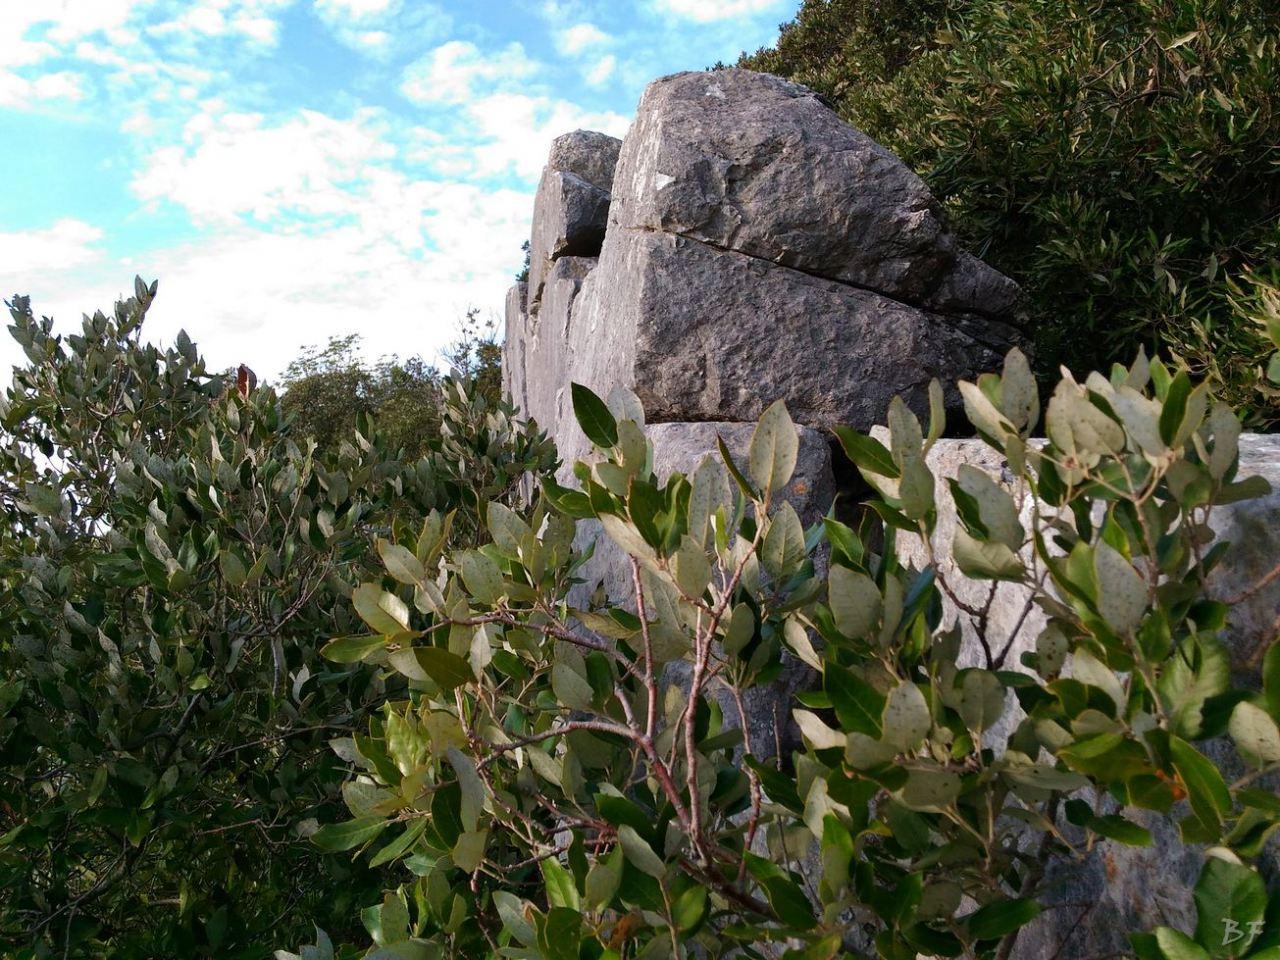 Circeii-Mura-Megalitiche-Poligonali-Latina-Lazio-Italia-7